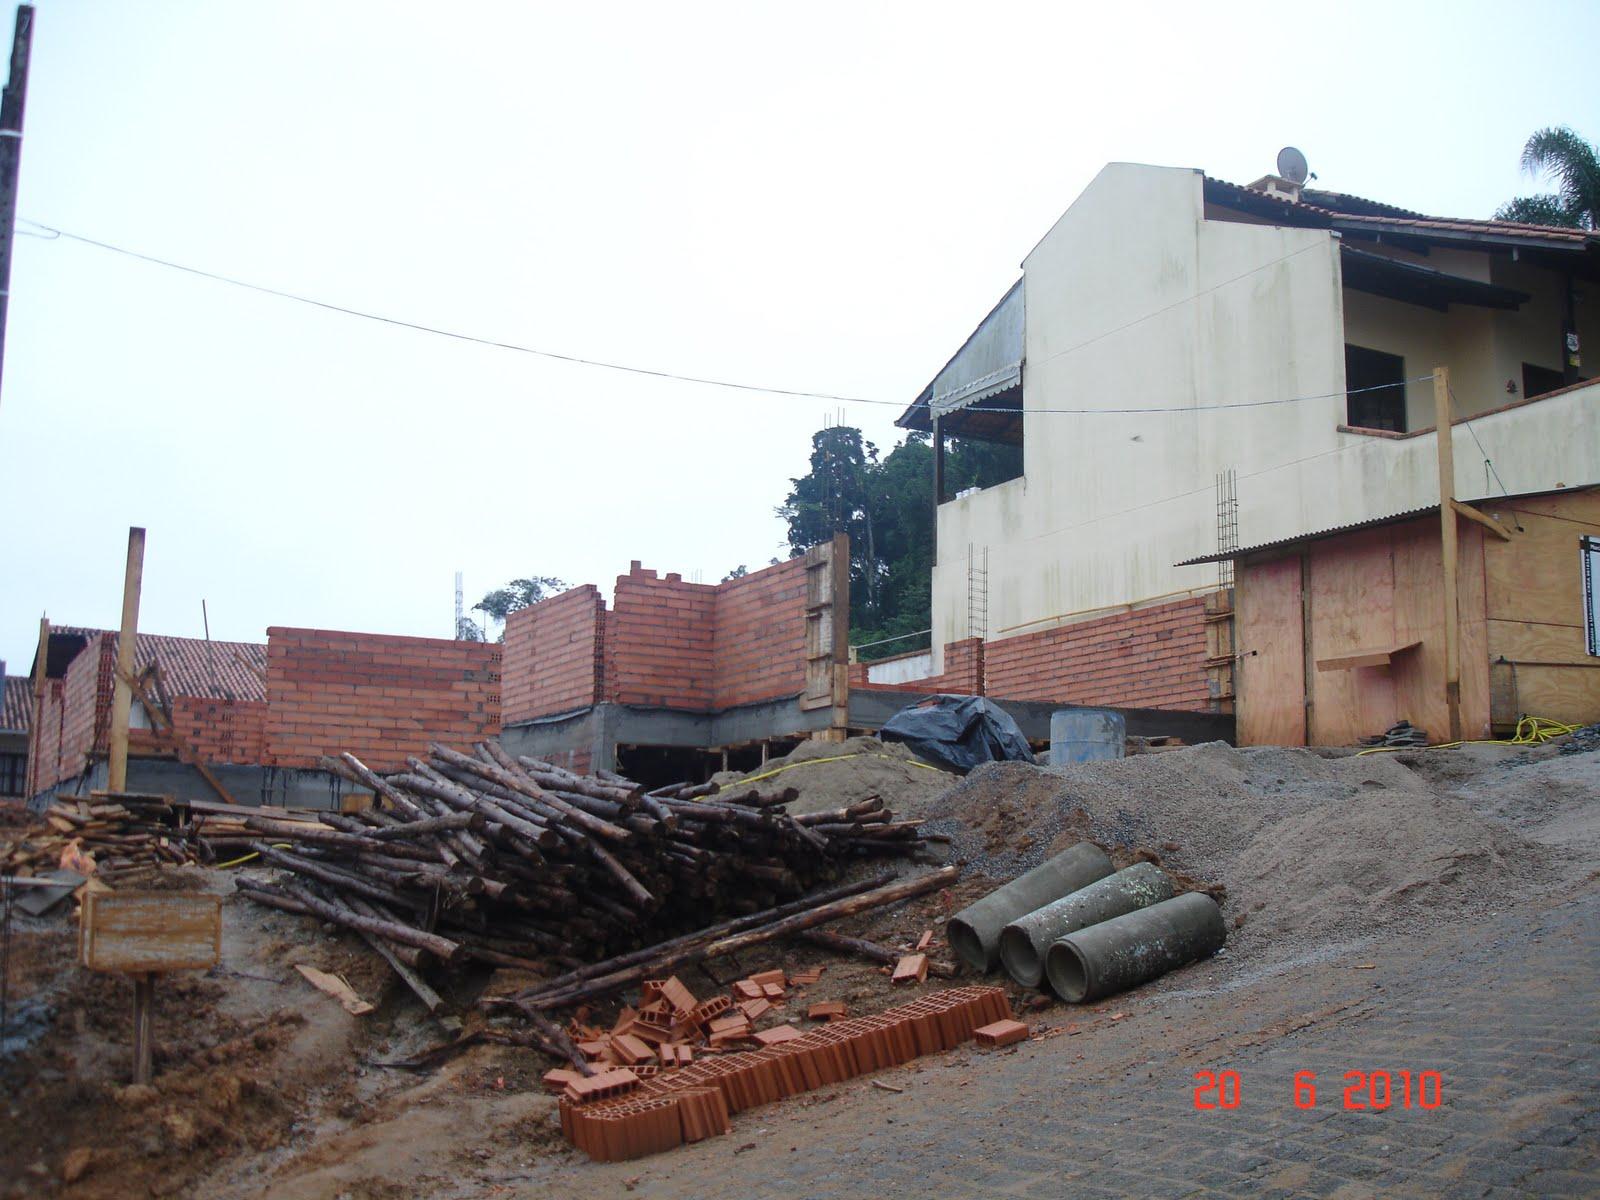 Nossa Casa no Site Construção da fundação ao acabamento: Fotos  #4A8181 1600 1200